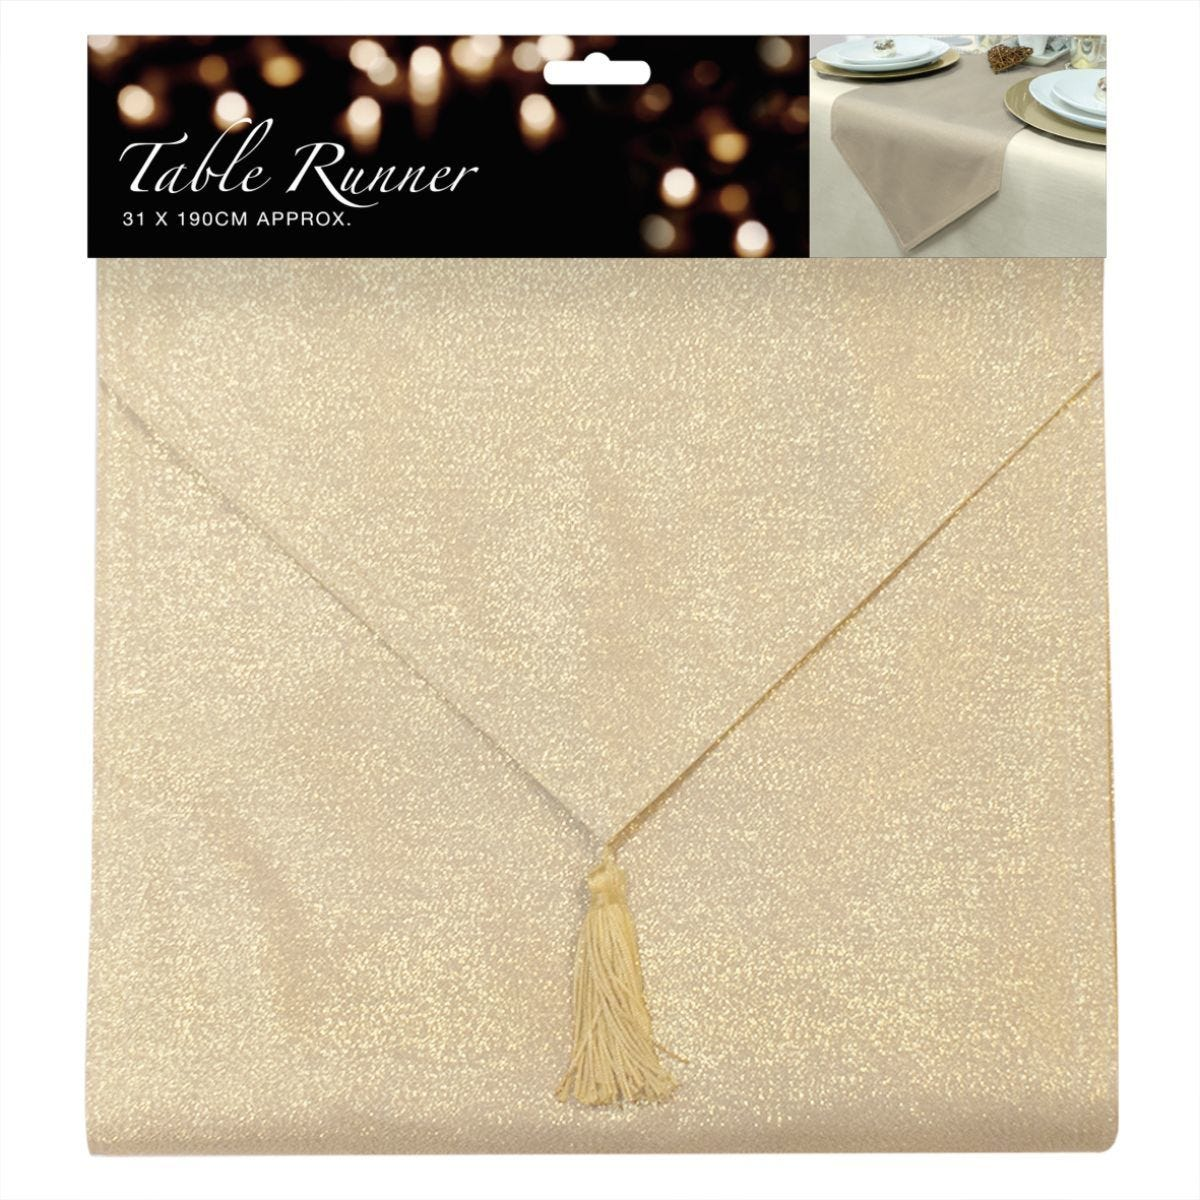 Glitter Table Runner - Gold